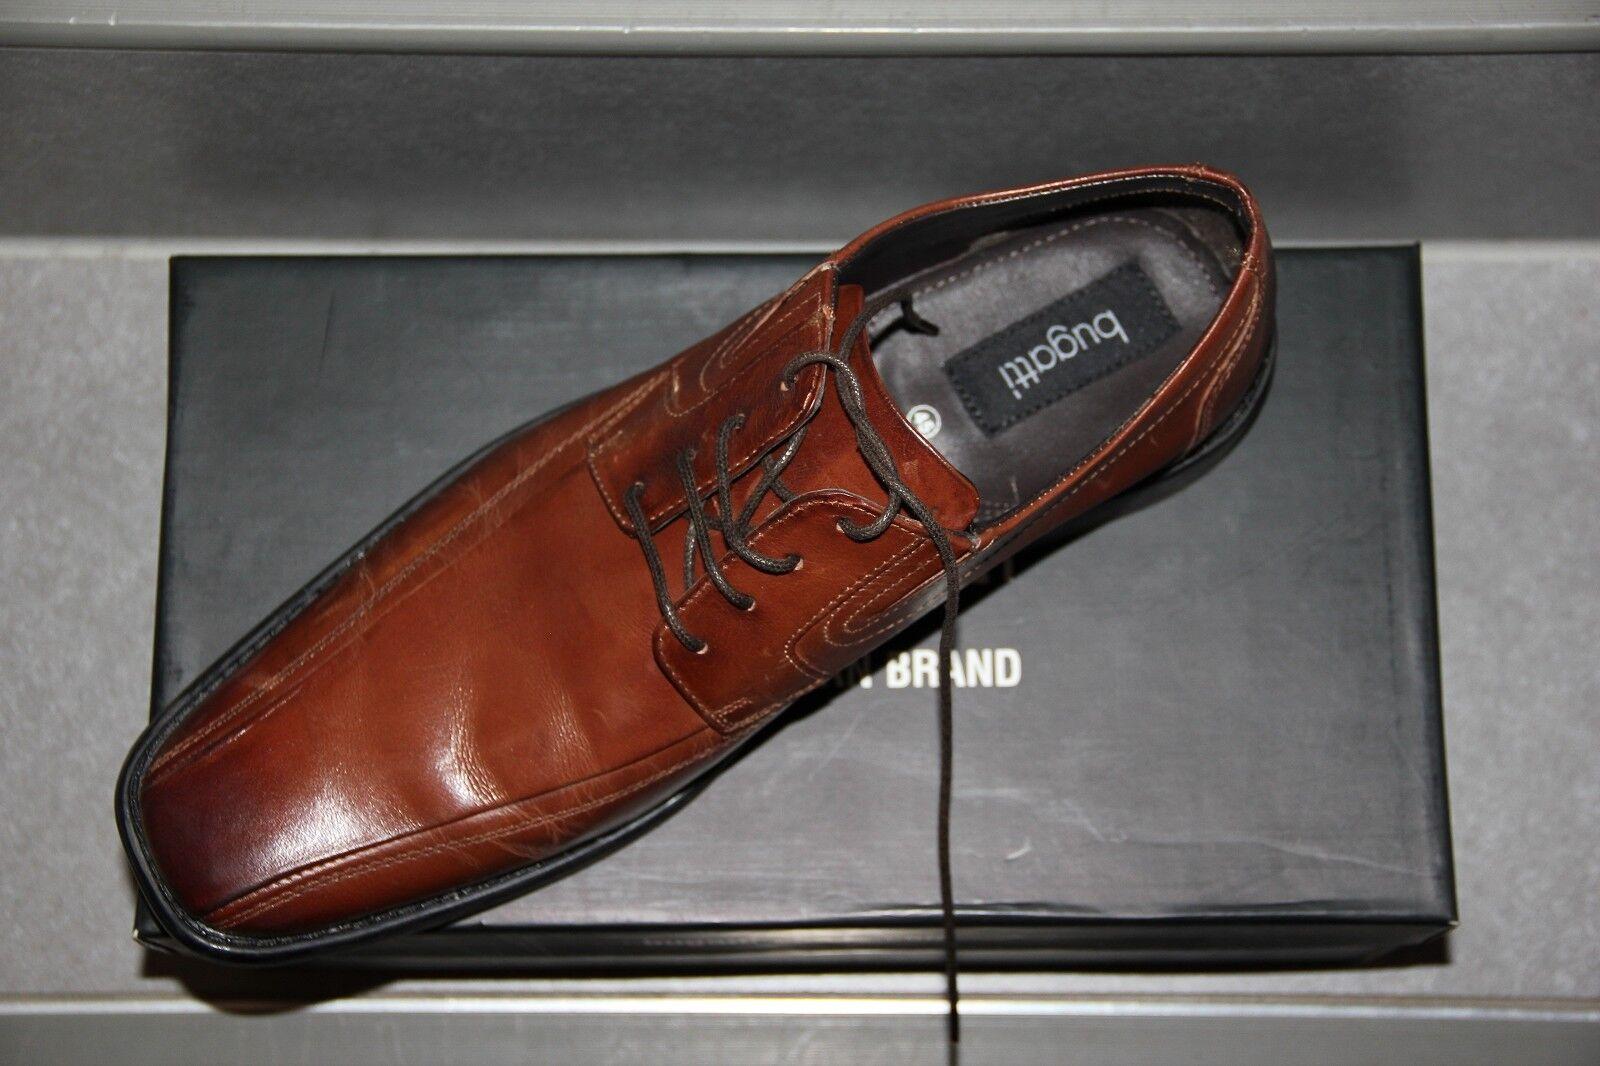 Braune BUGATTI Leder Nappa Halb Schuhe Modell Ottavio Nappa Leder Gr 45 Herren 1984c9